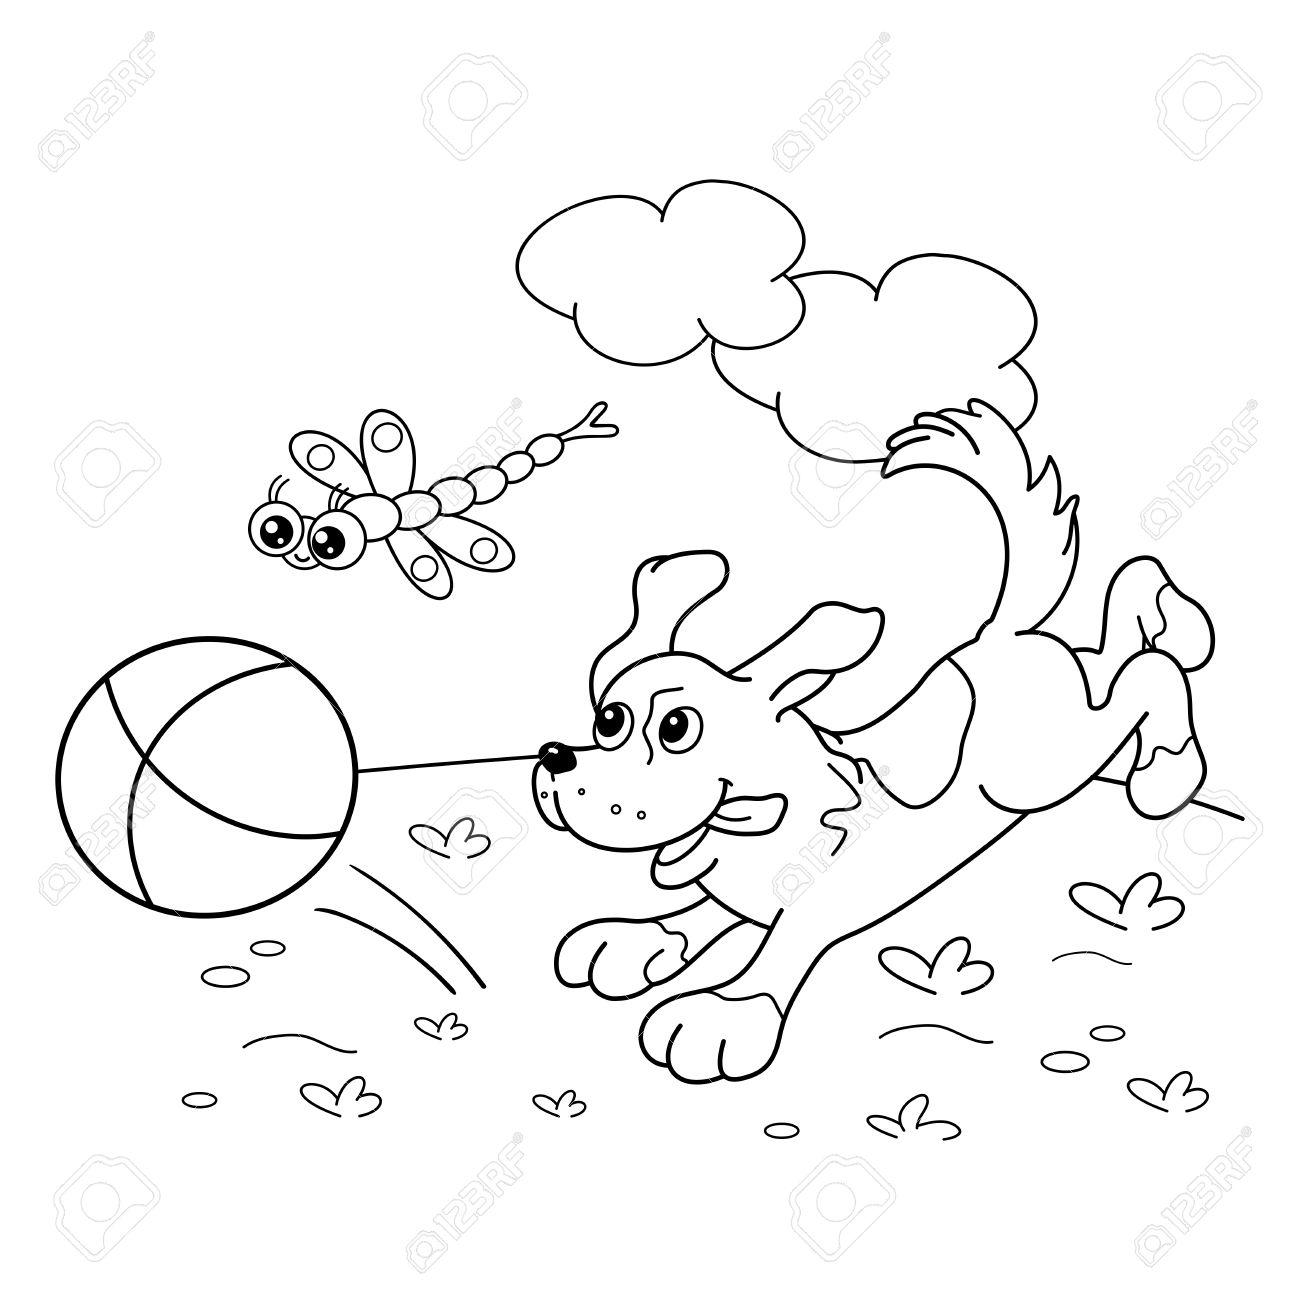 ぬりえページ概要漫画犬のボールとトンボ子供のための塗り絵のイラスト